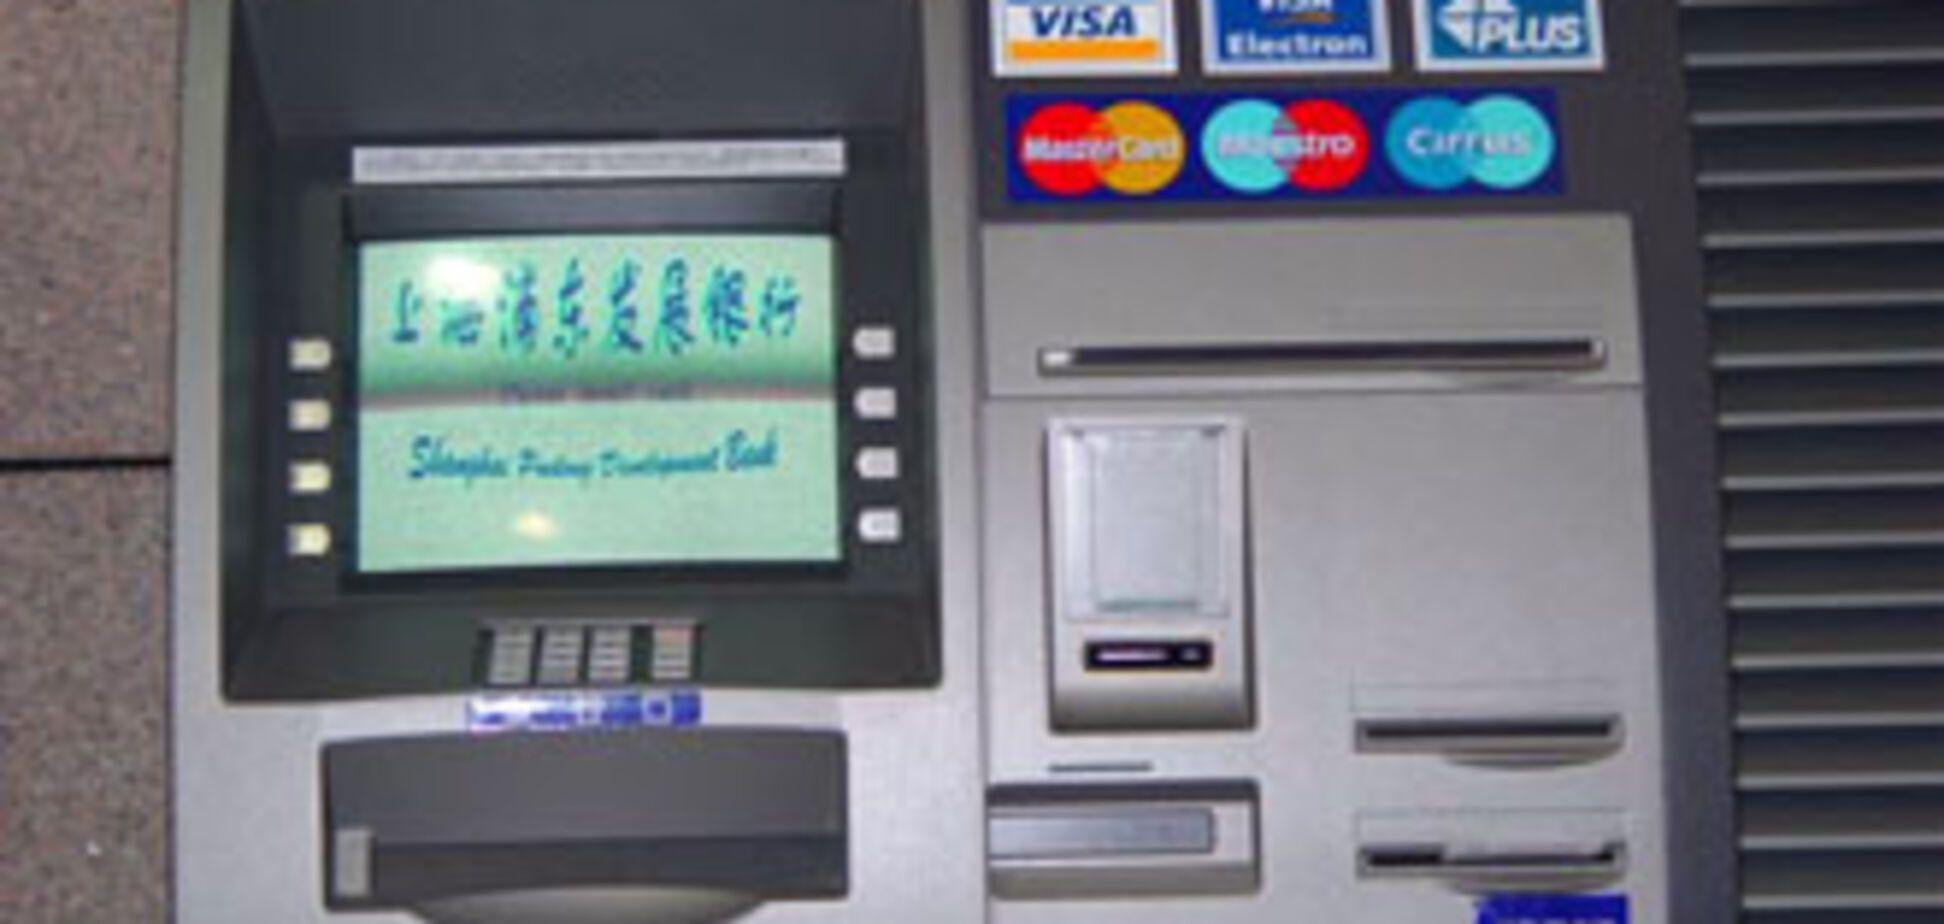 Зек розрізав банкомат і вкрав 138 тис. грн